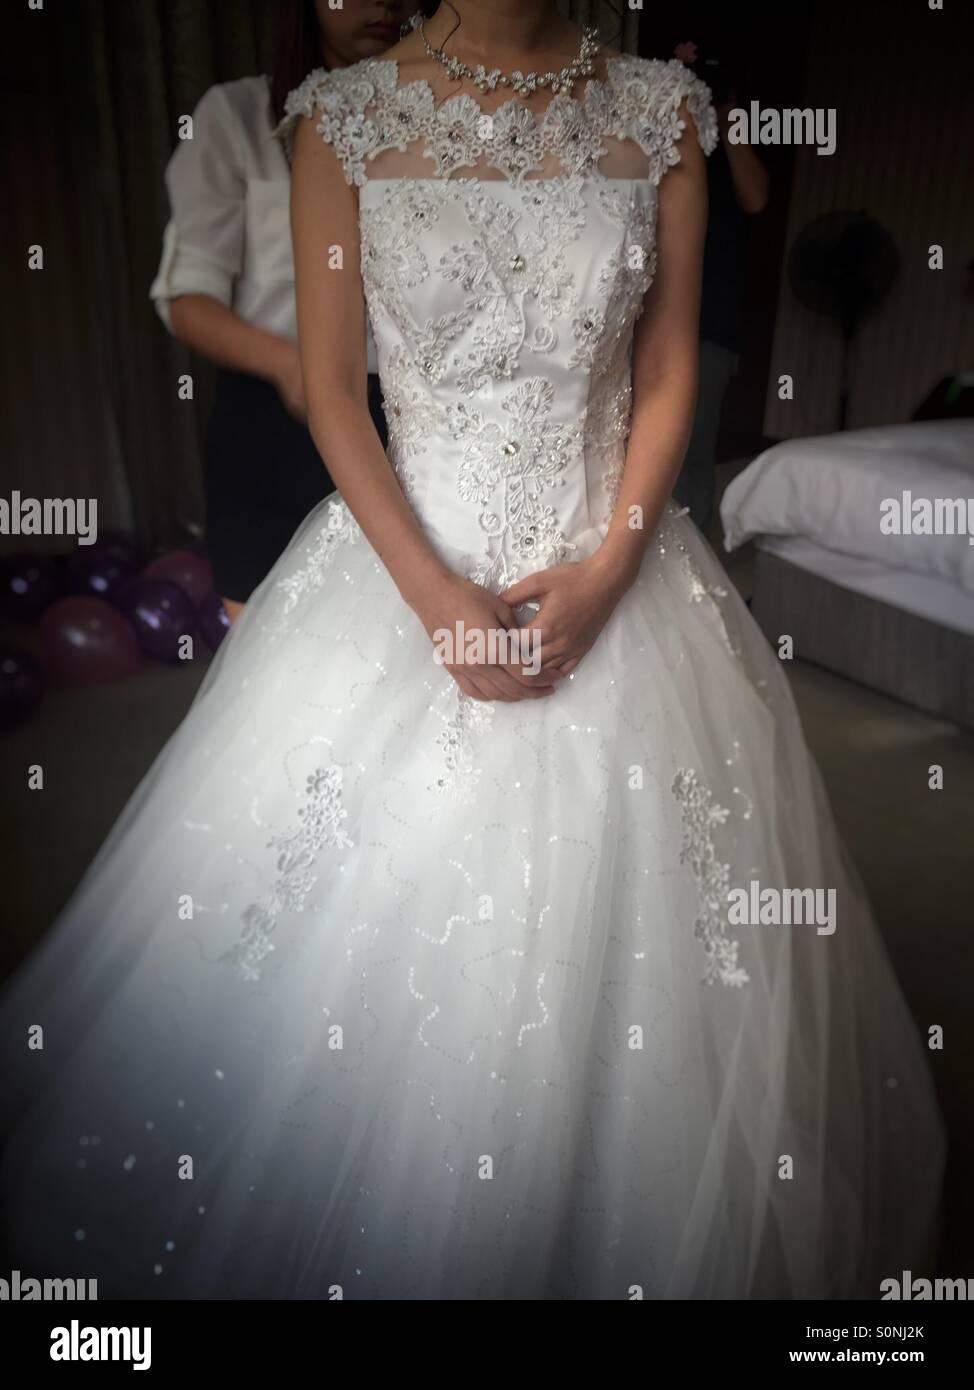 Vorbereitung für ihre Hochzeit Braut Stockbild